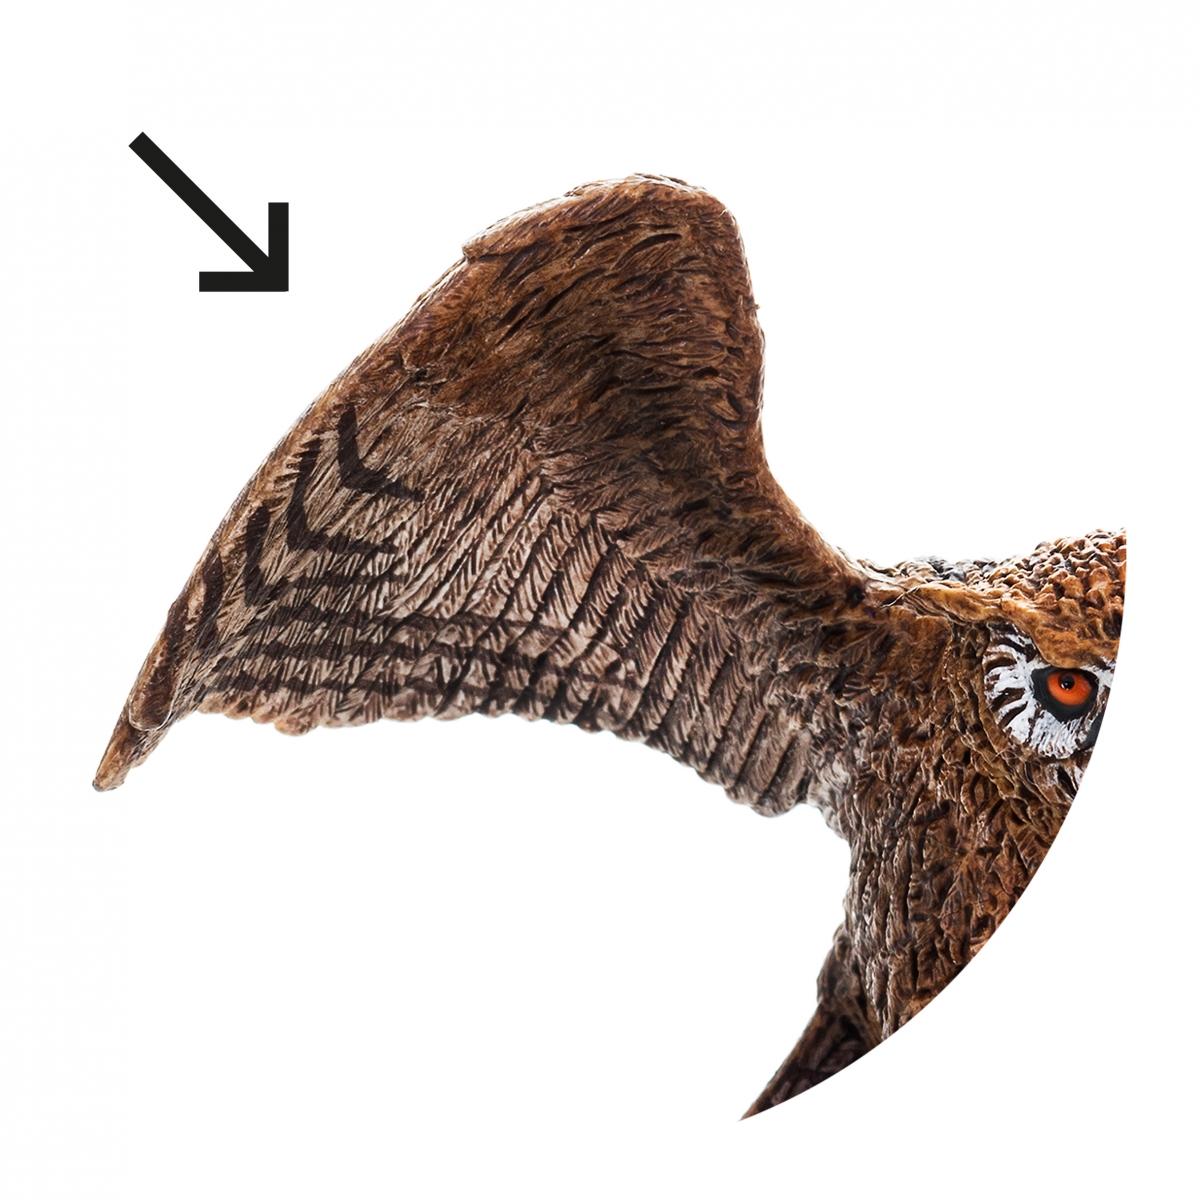 Imagen en la que se ve un ala de animal